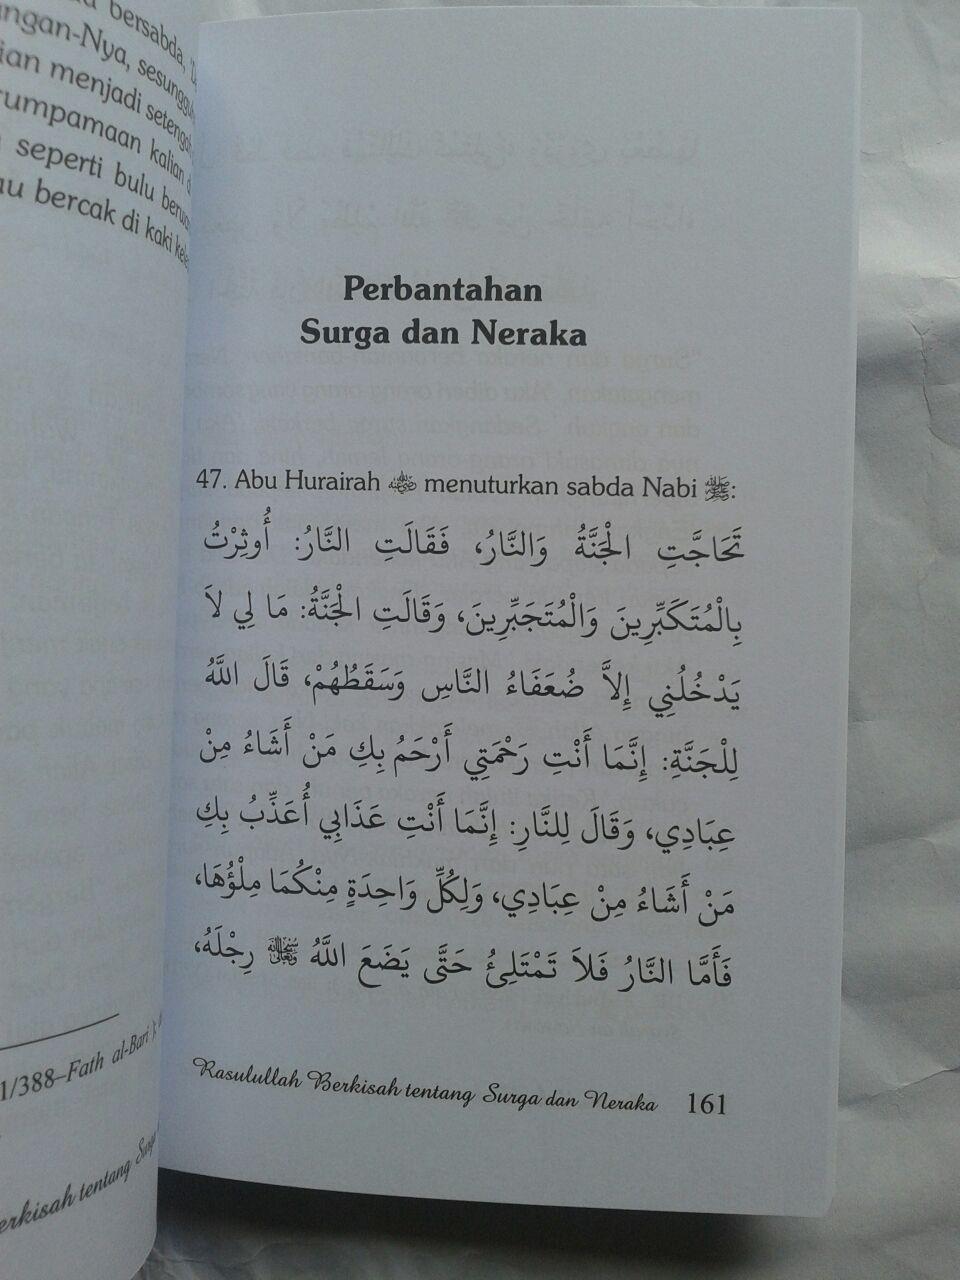 Buku Rasulullah Berkisah Tentang Surga & Neraka 25,000 15% 21,250 isi